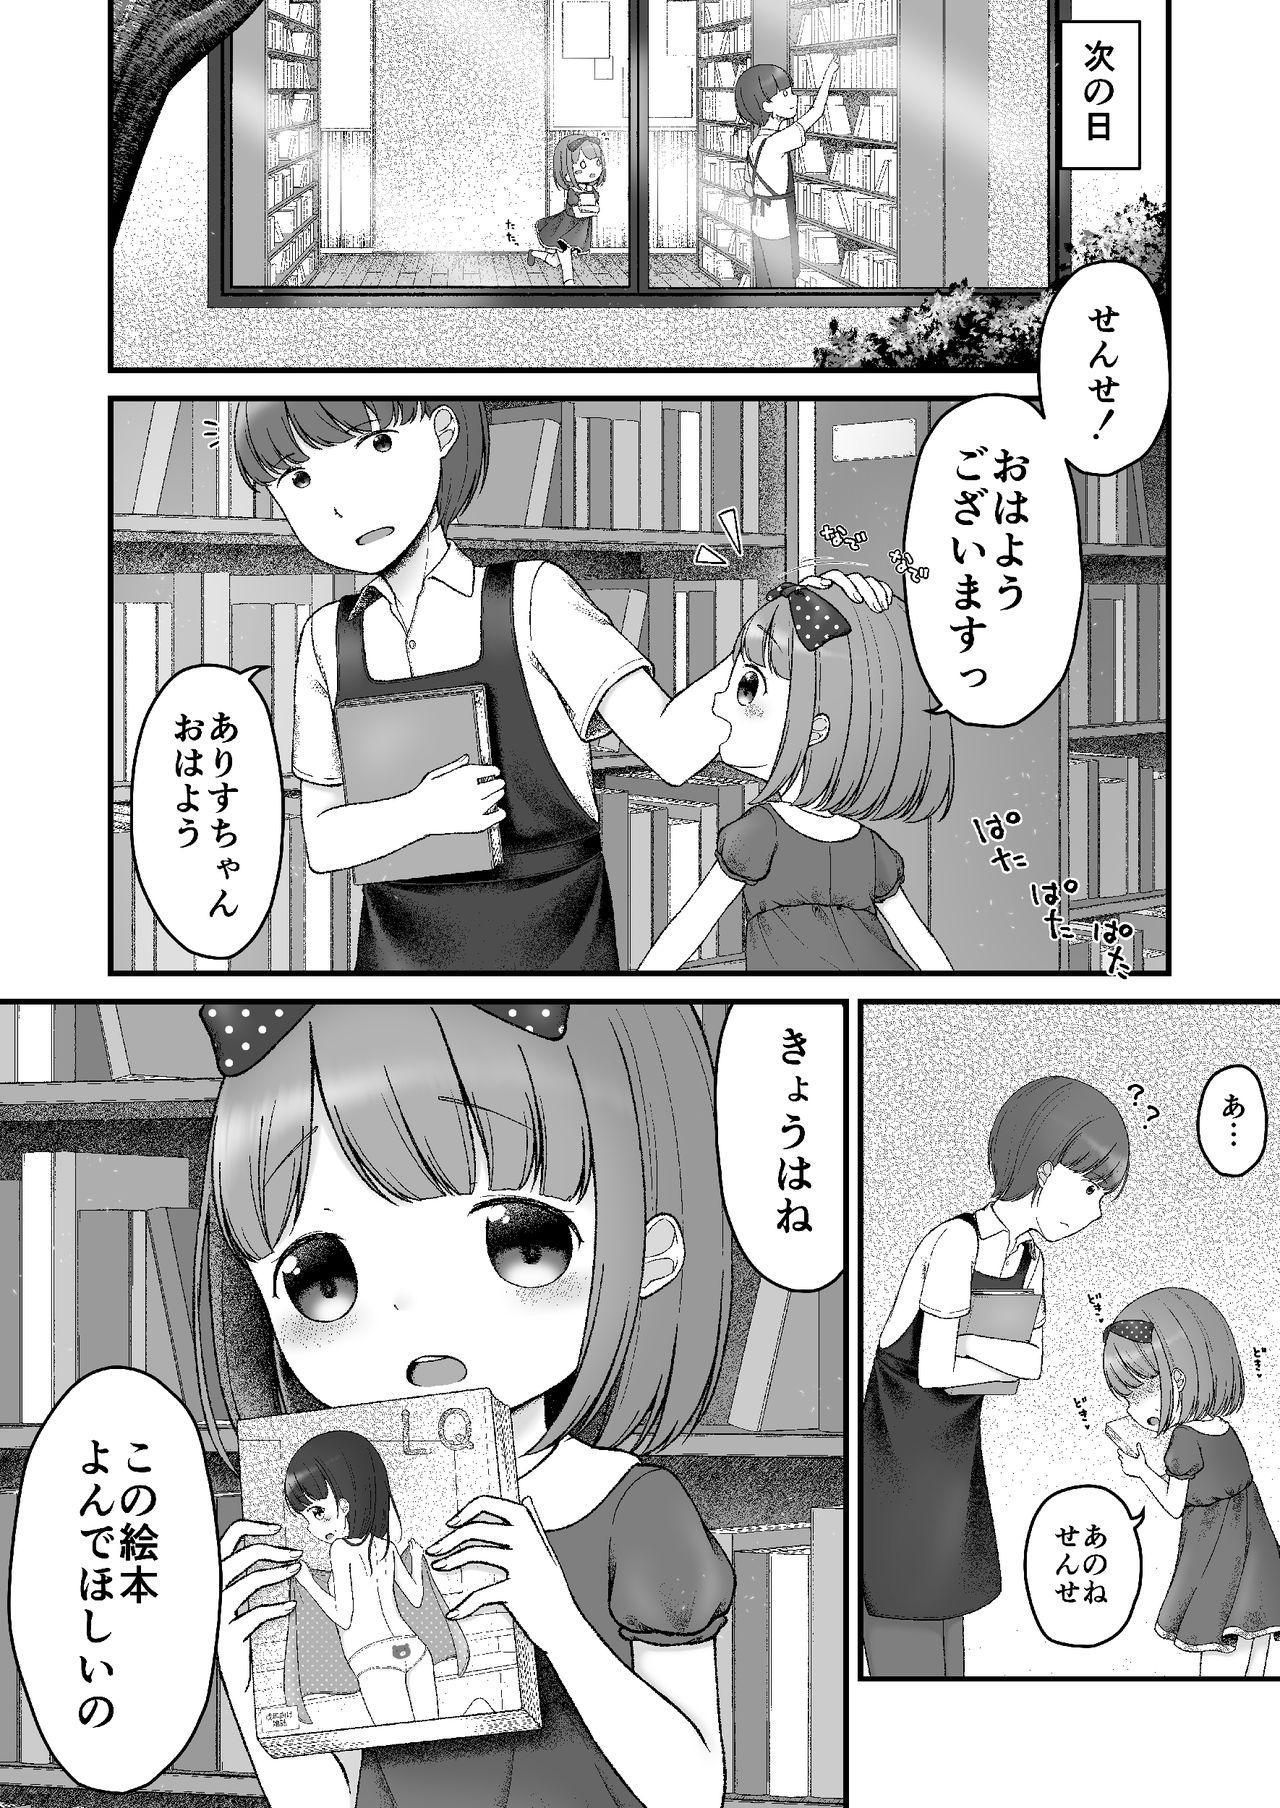 Ehon no Kuni no Arisu 25